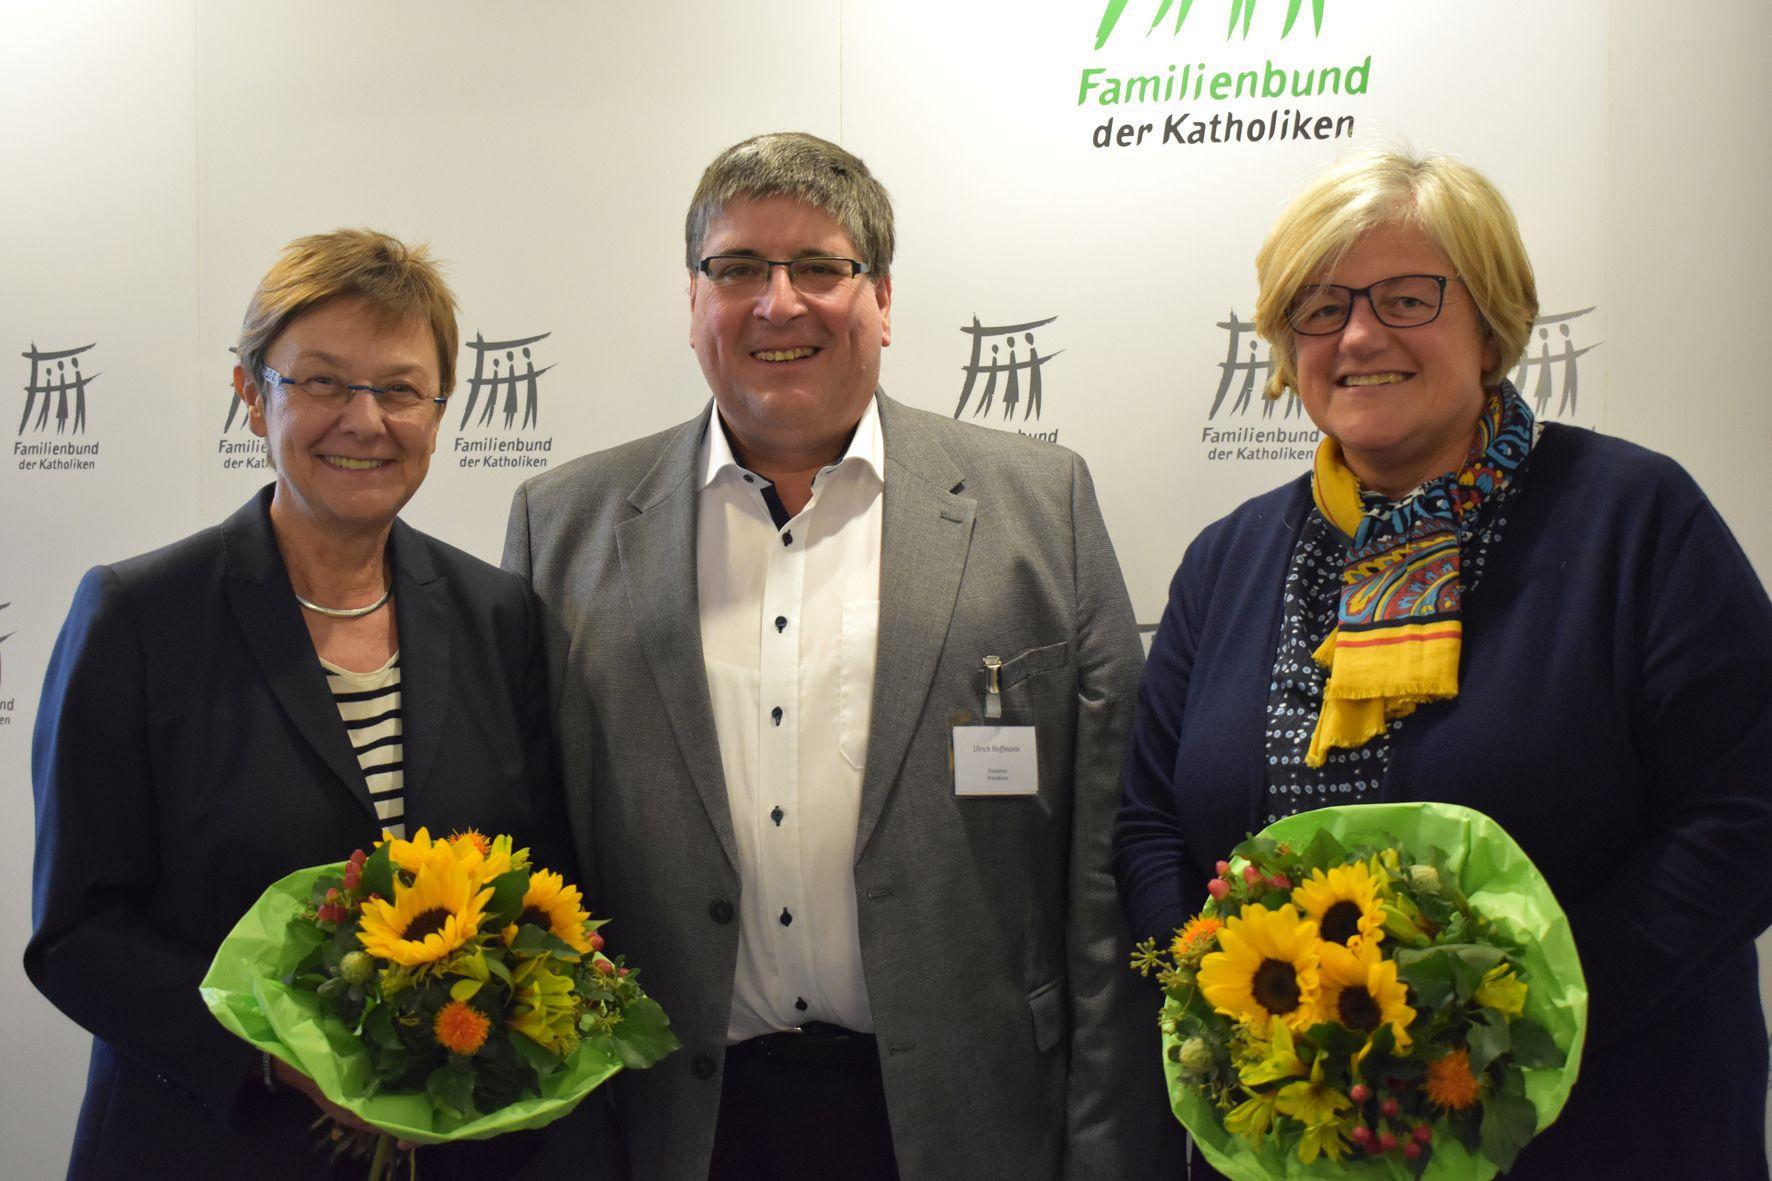 Foto der Galerie: Bundesdelegiertenversammlung Familienbund der Katholiken 2018